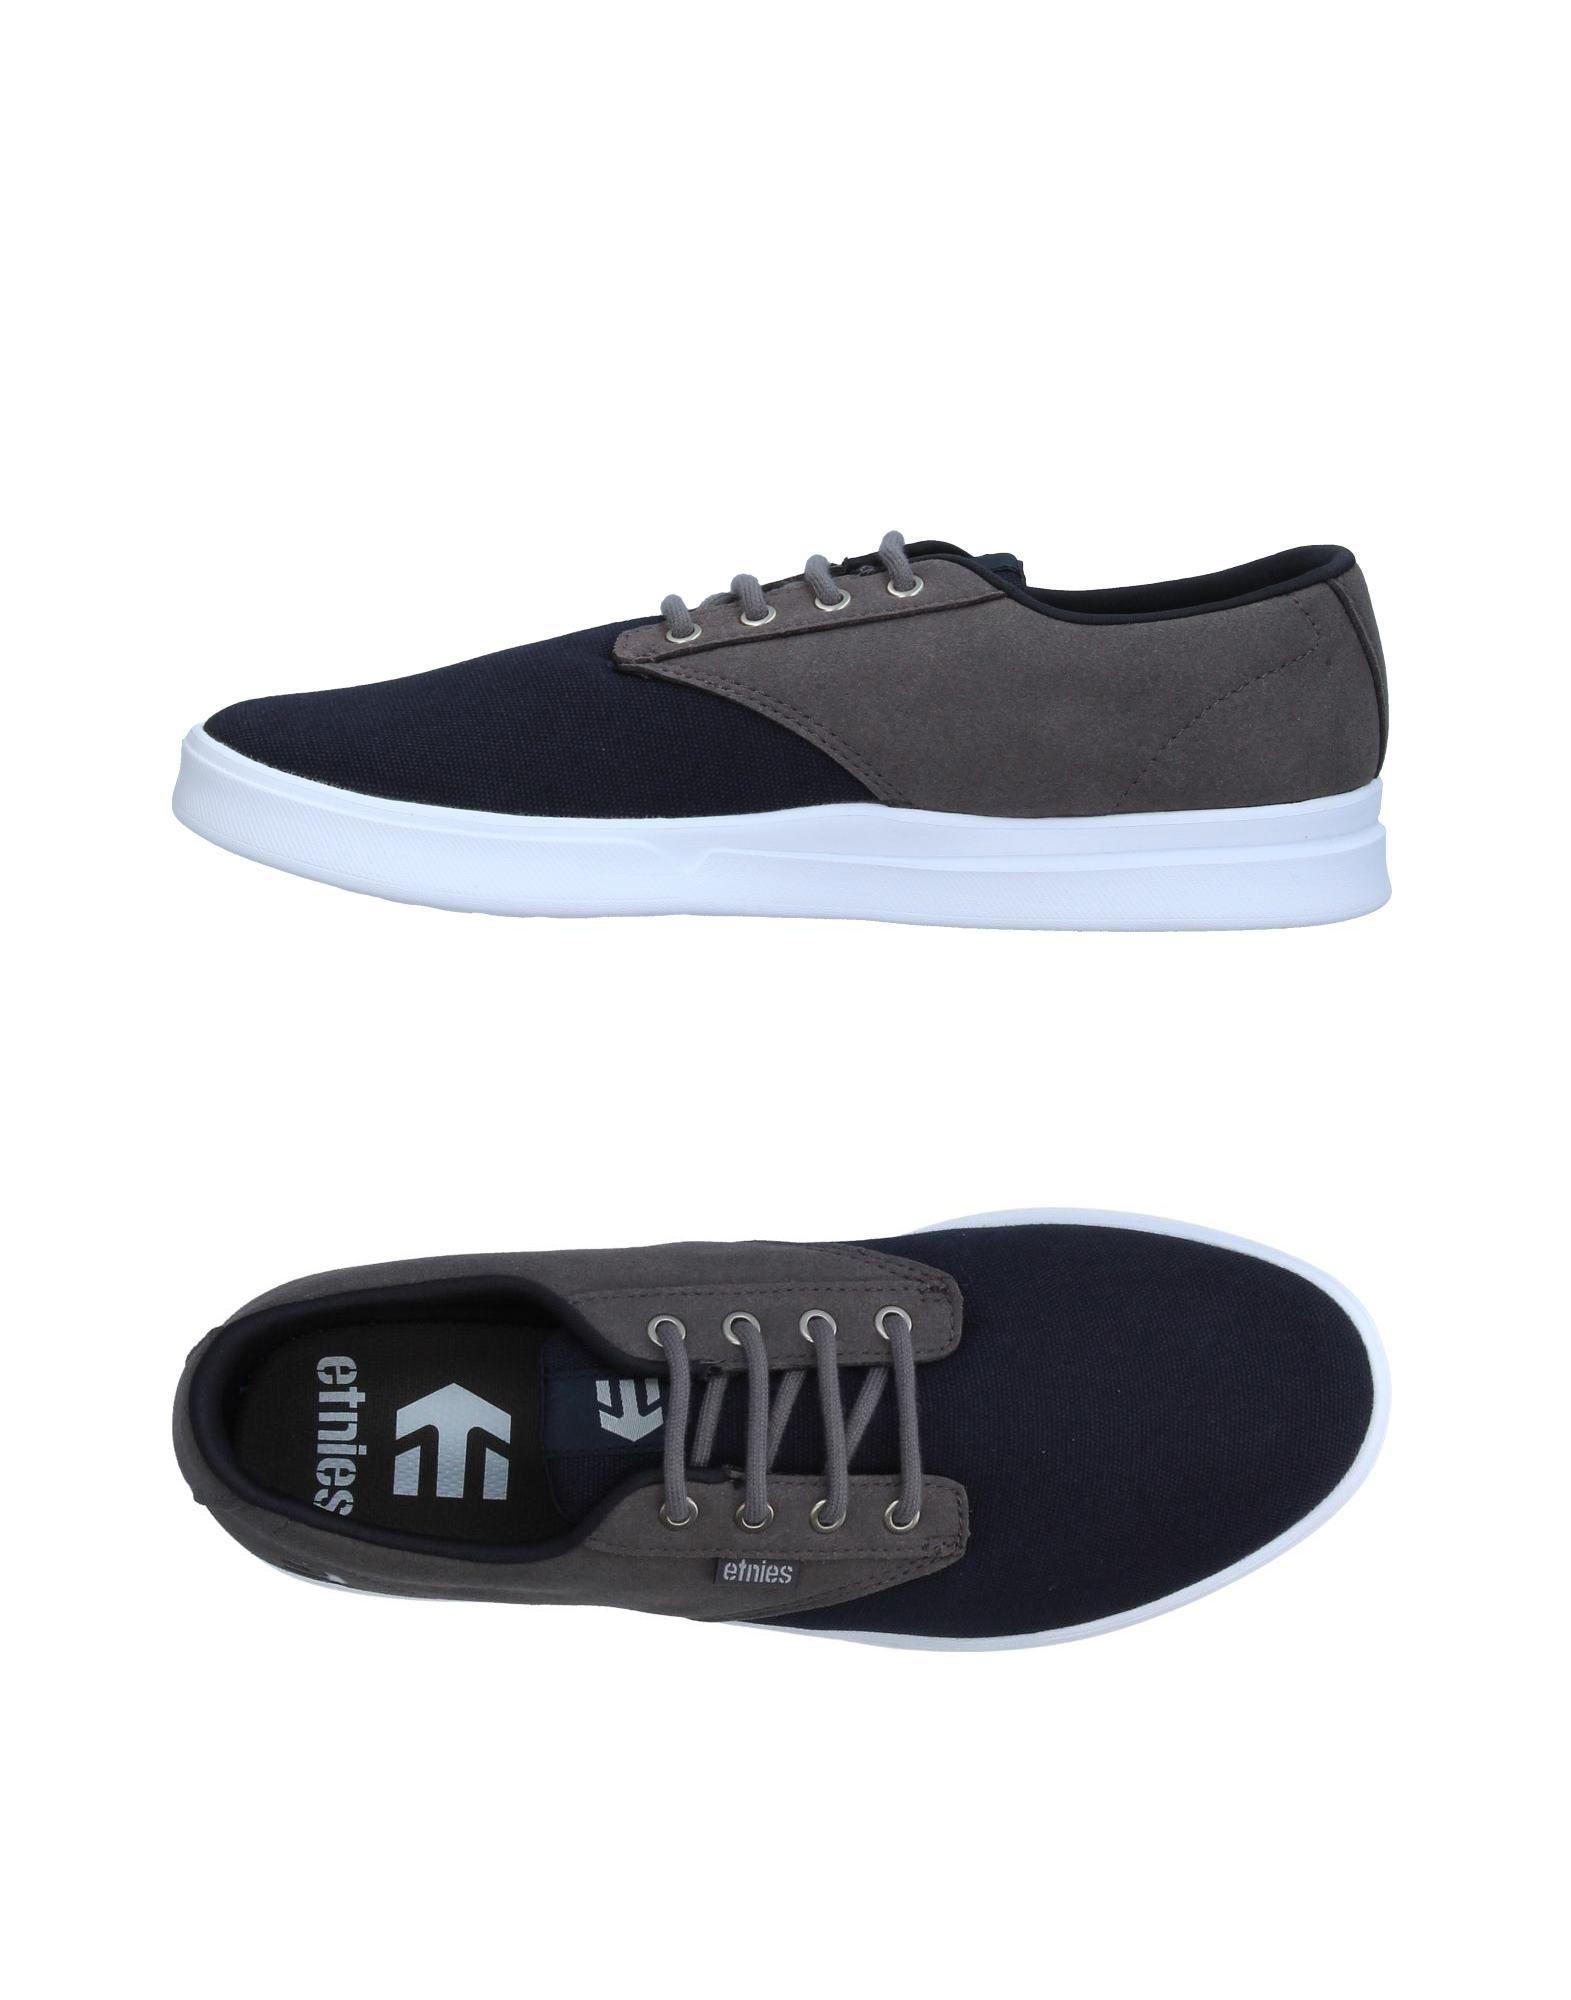 Sneakers Etnies Homme - Sneakers Etnies sur